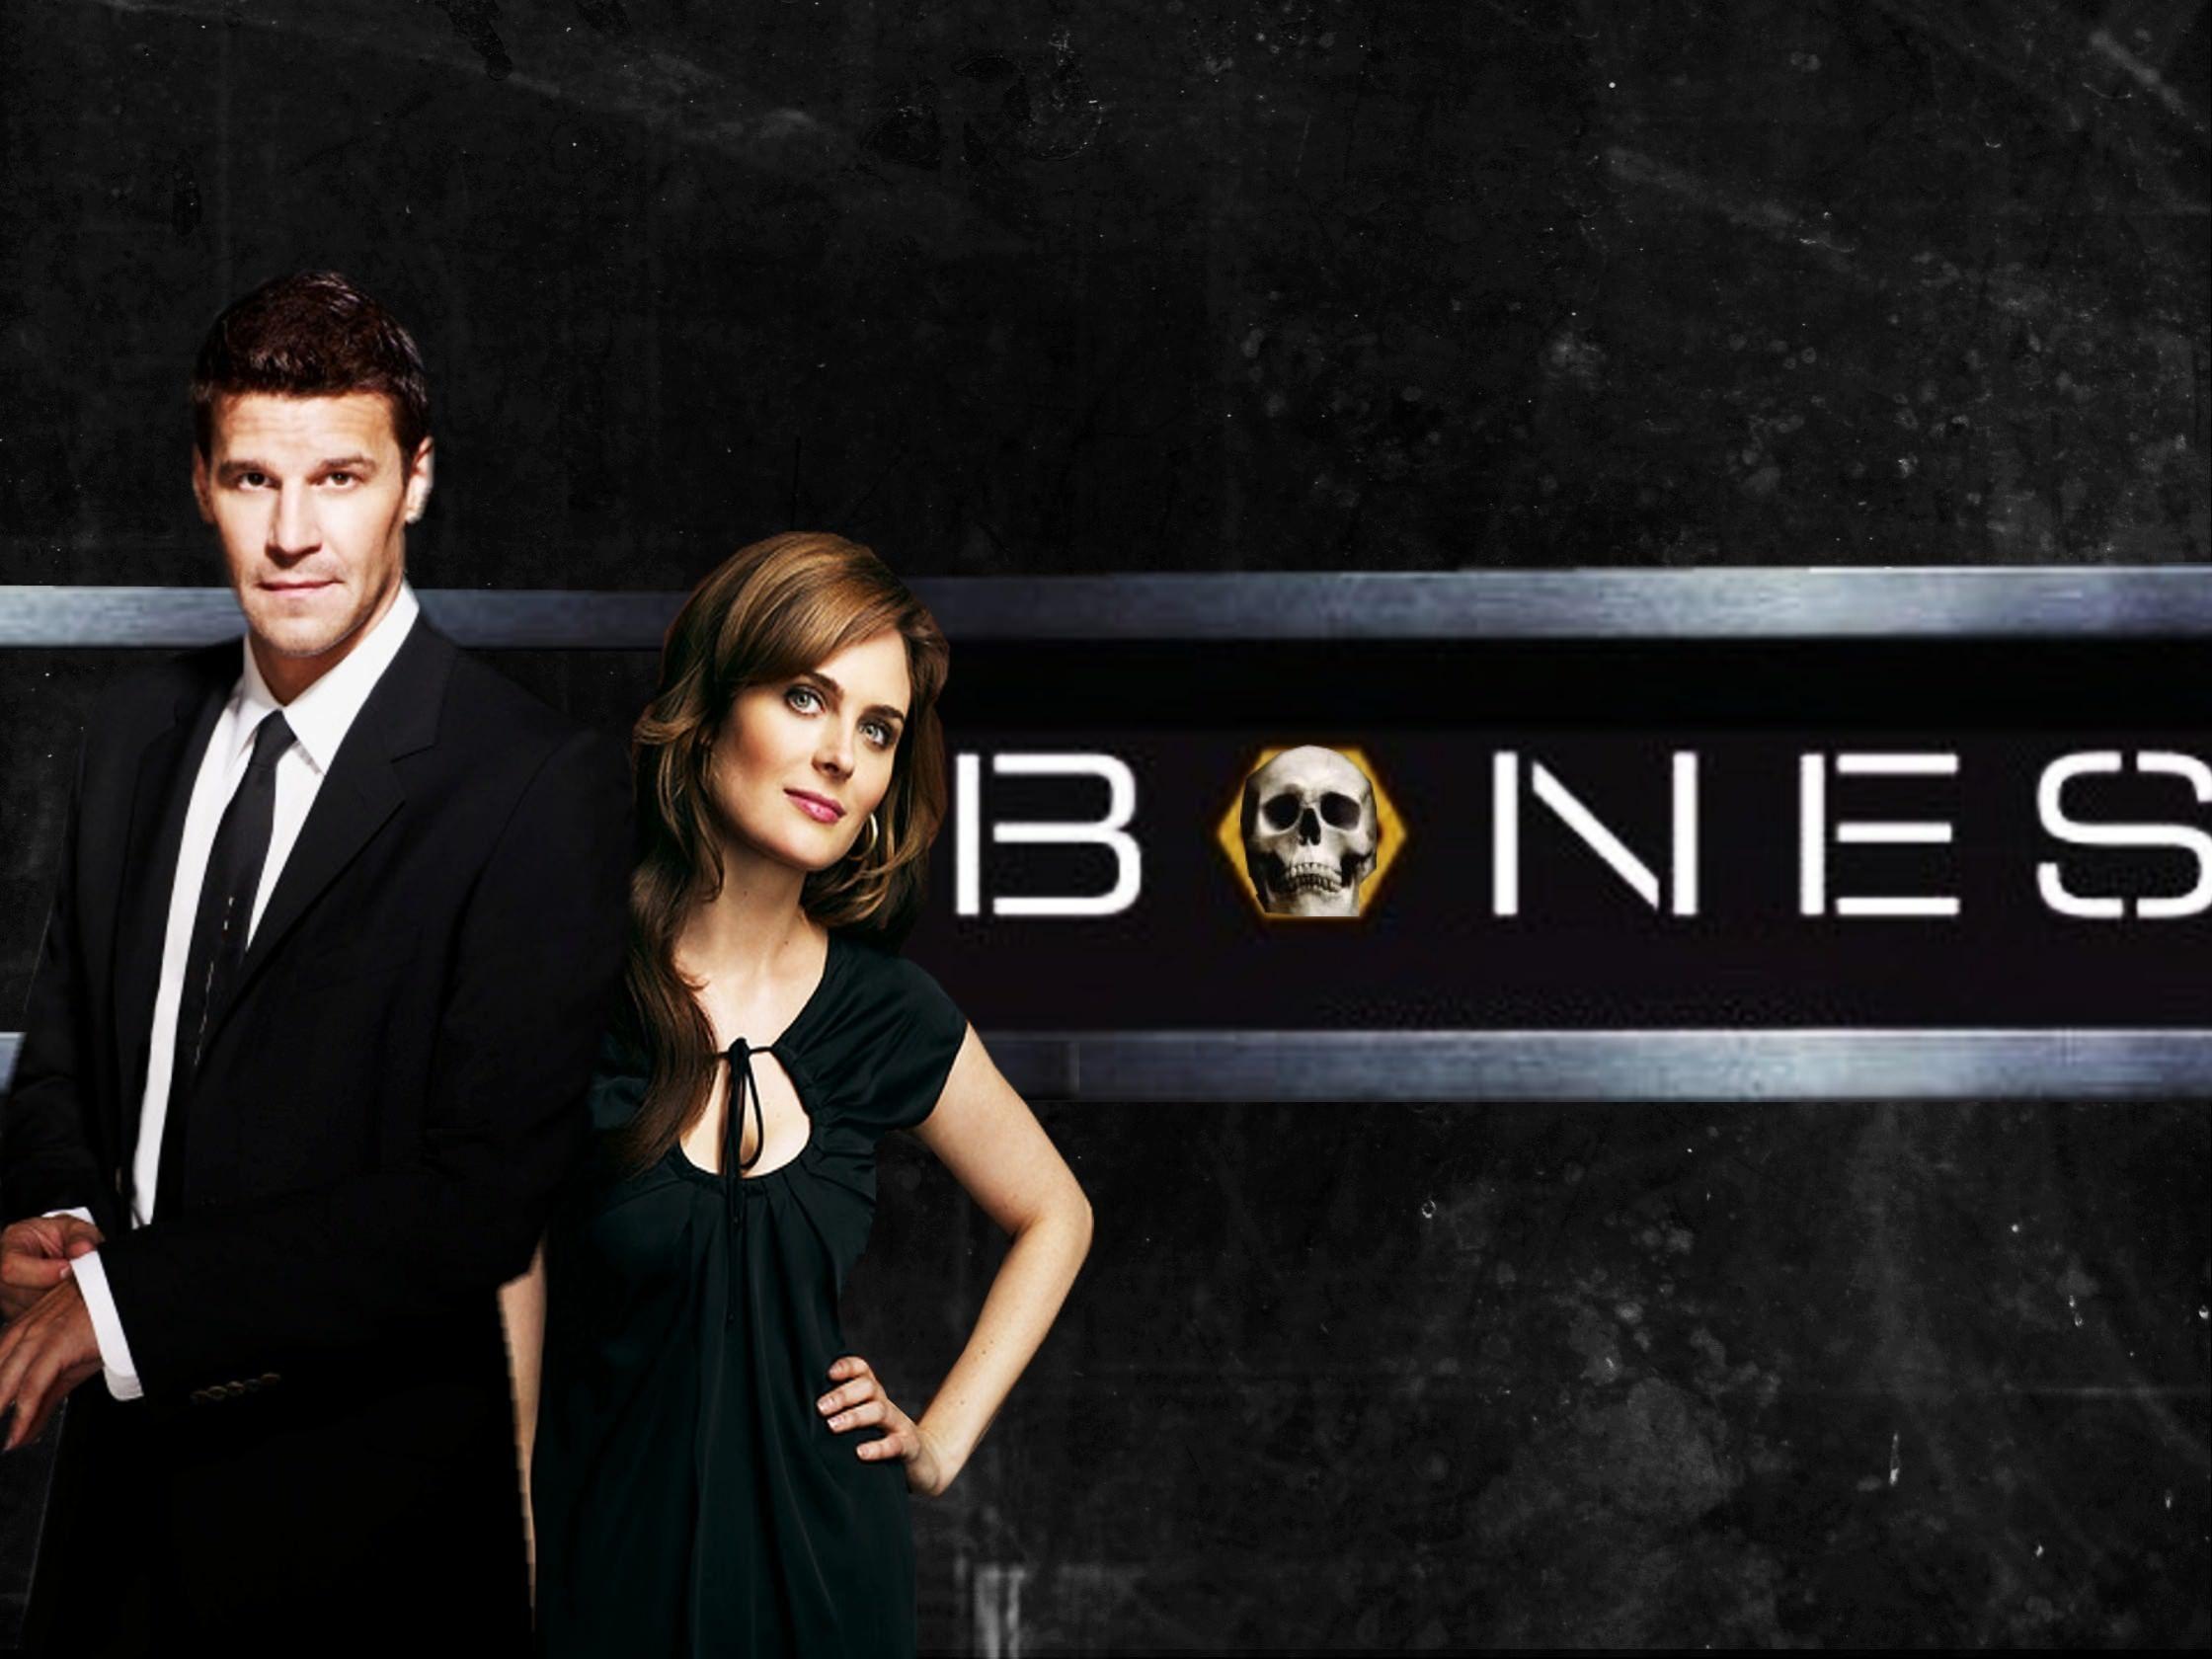 Bones. jp